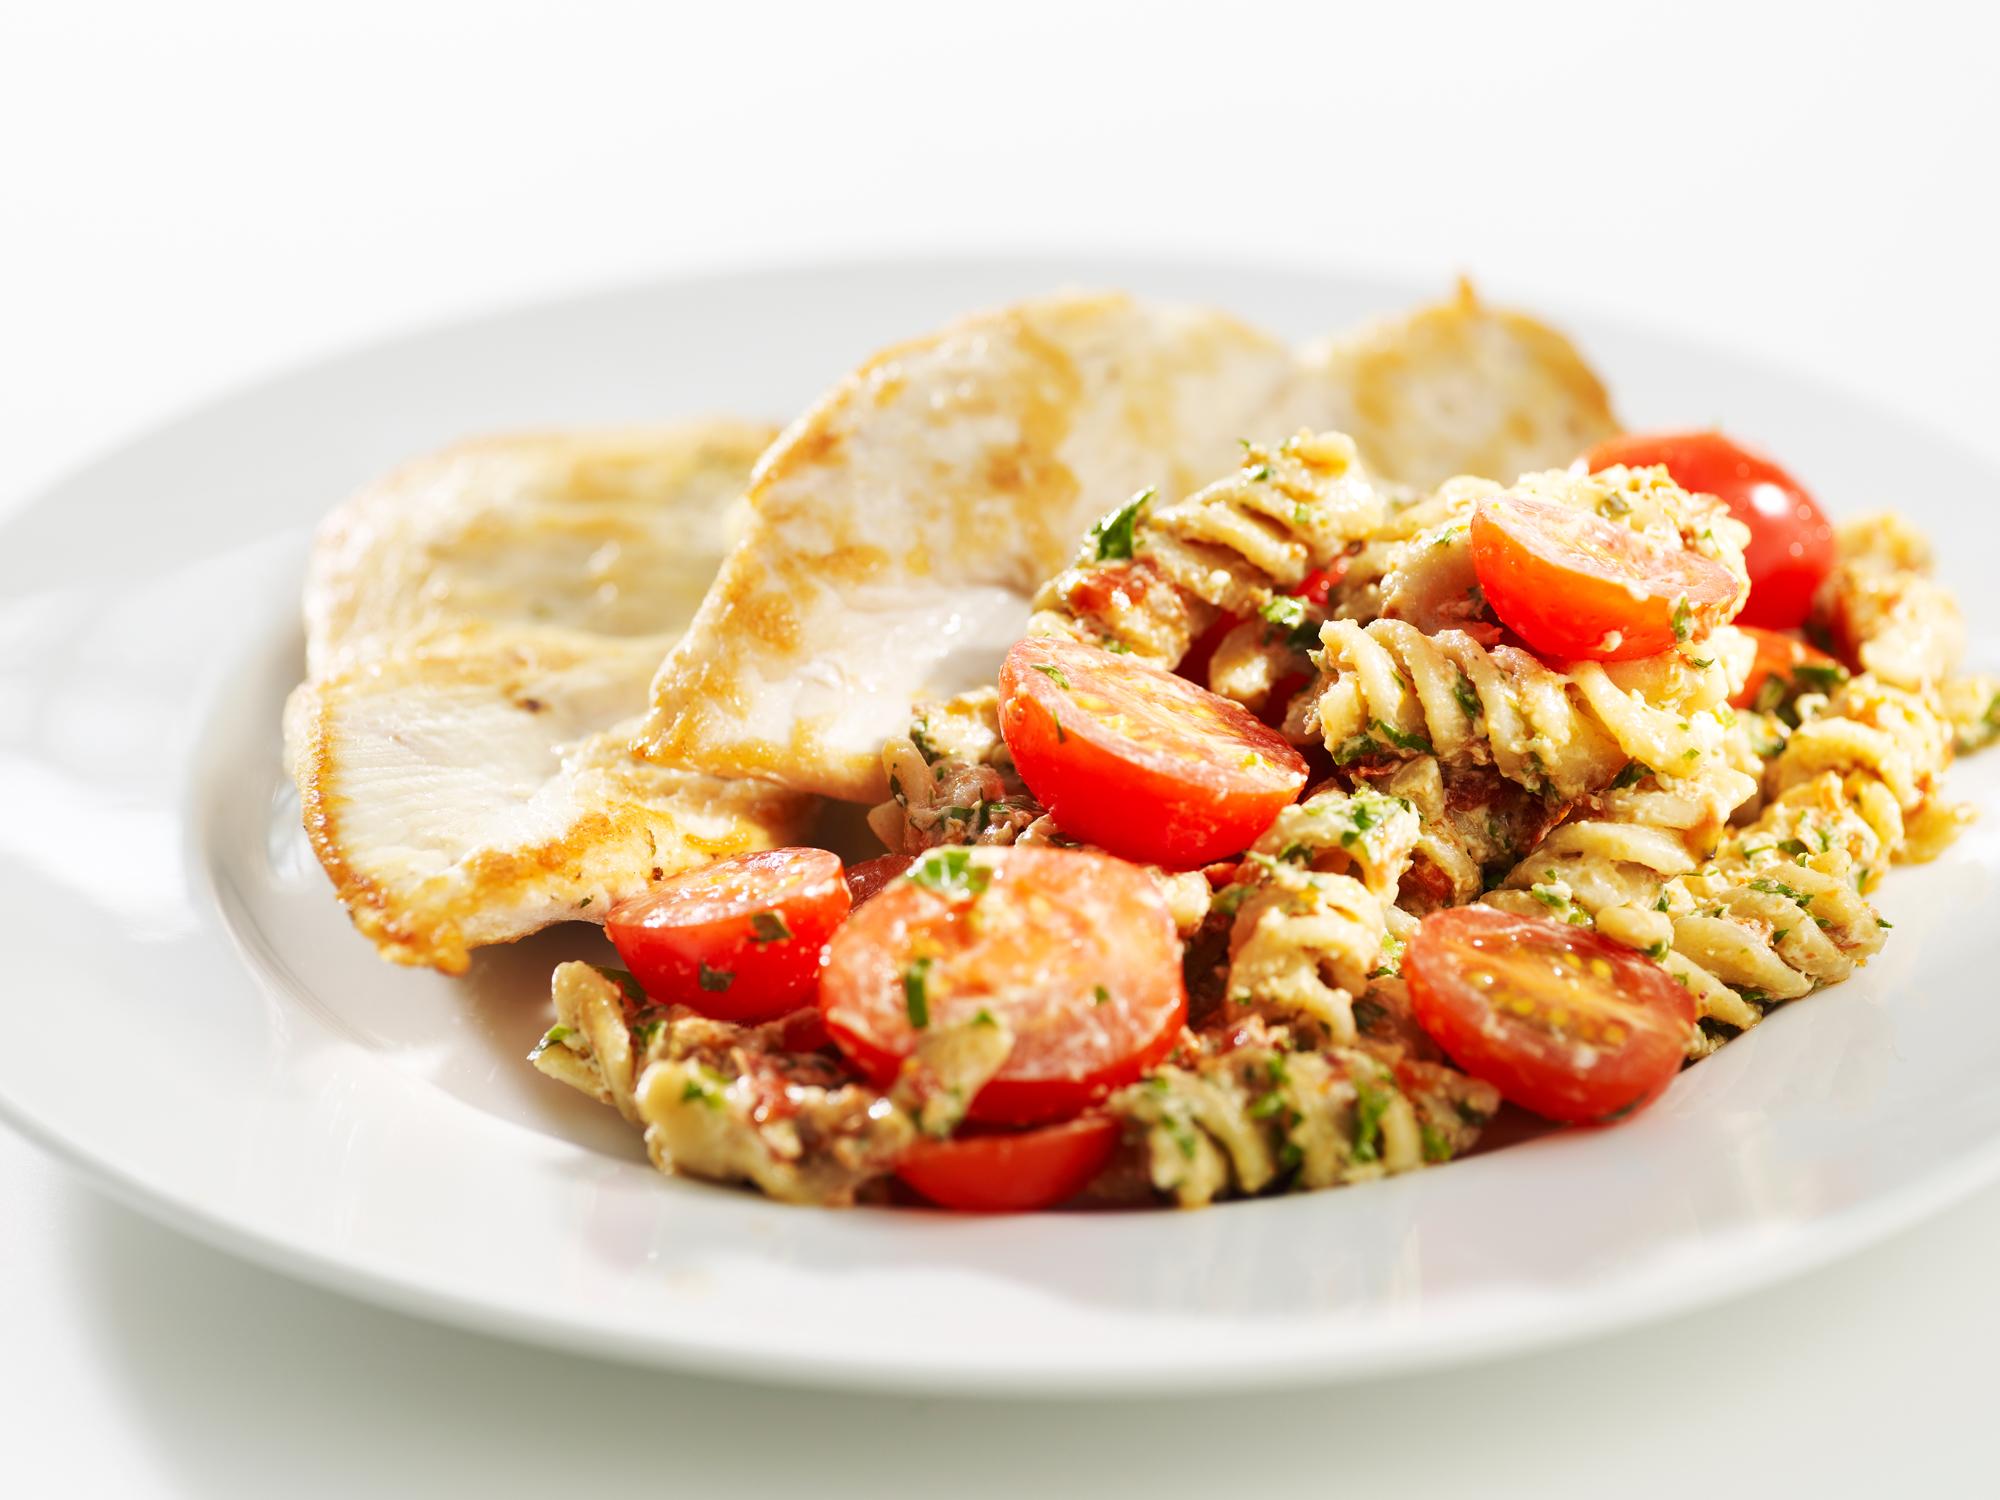 Enkelt salat kjærlighet test